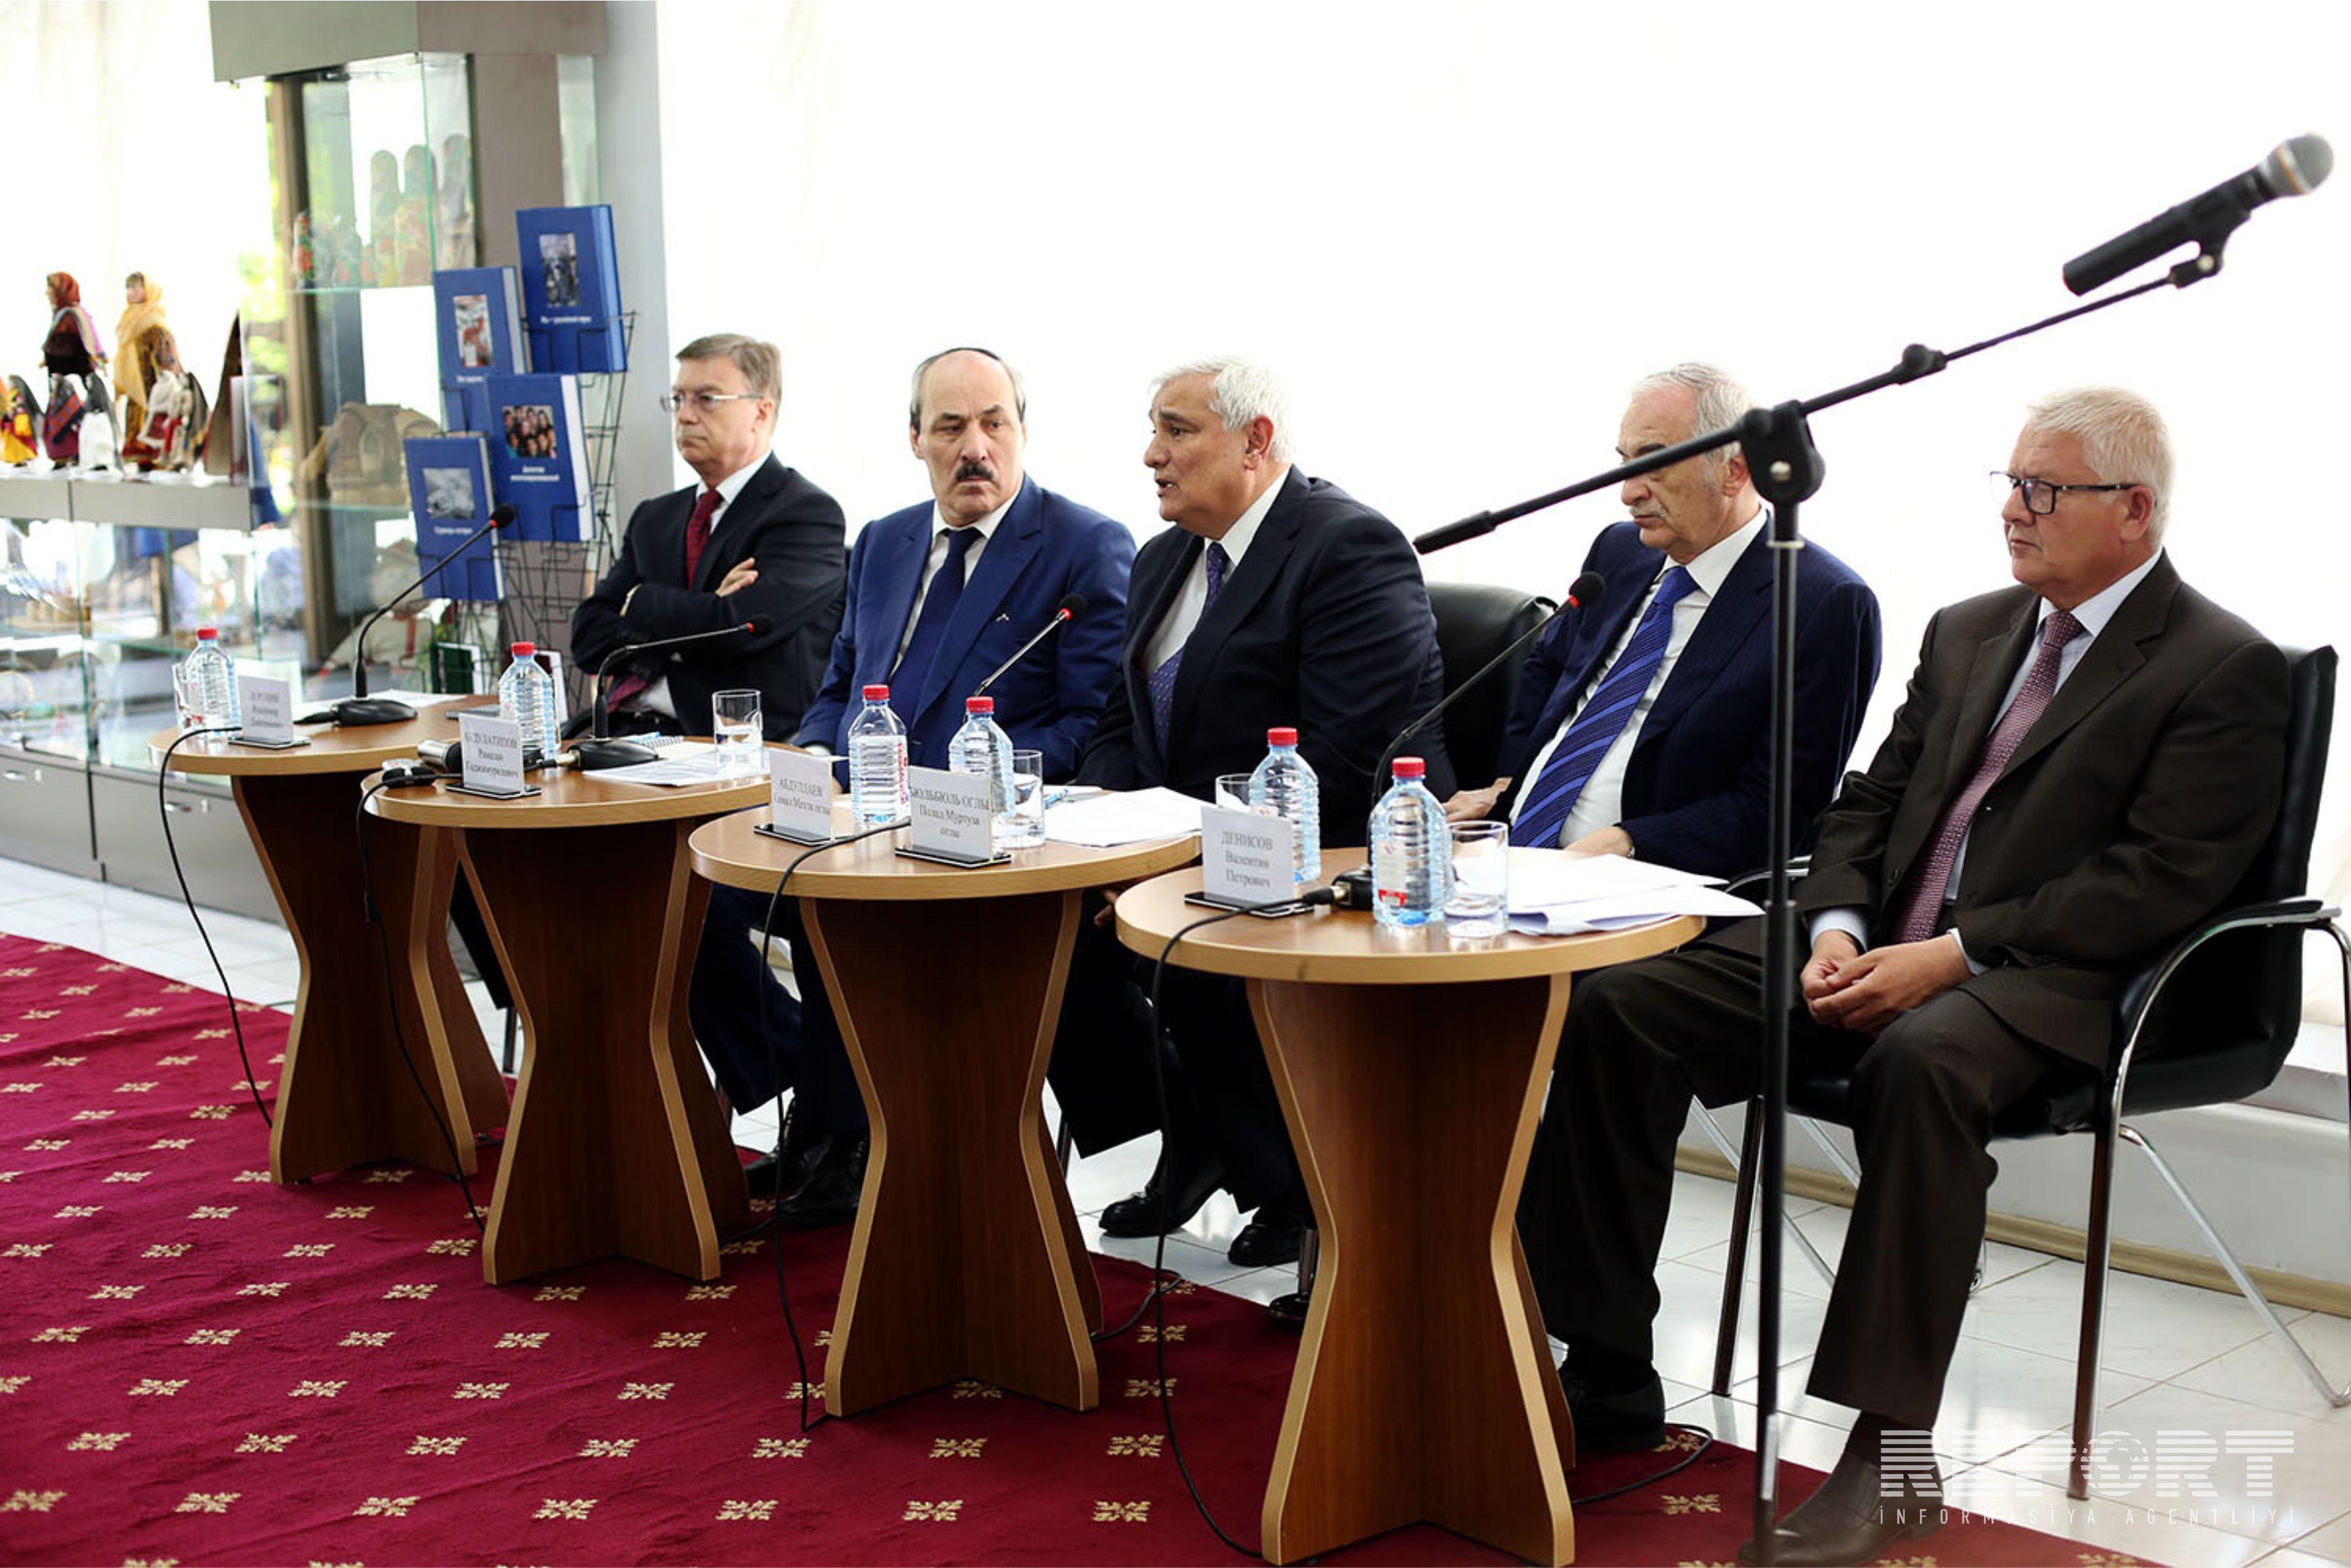 Рамазан Абдулатипов предложил создать Центр дагестанской культуры в Баку